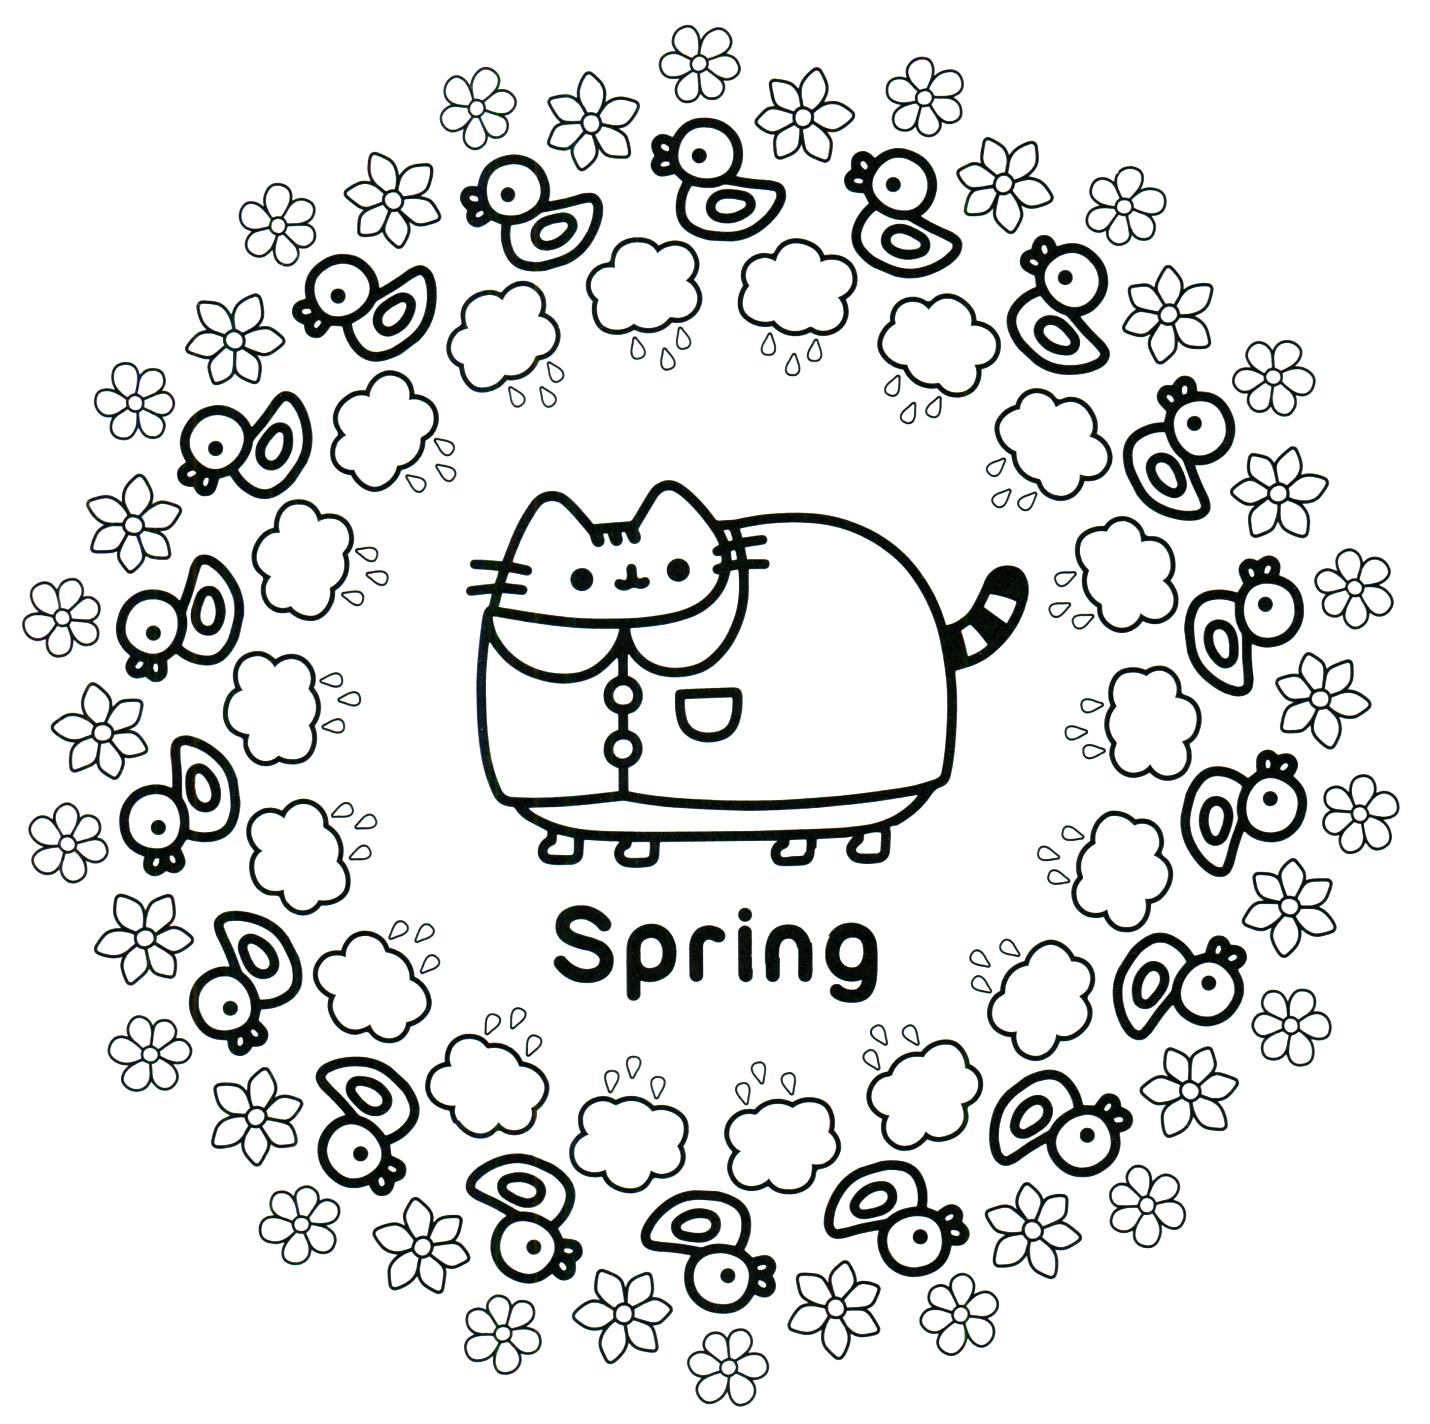 Pusheen Coloring Book Pusheen Pusheen The Cat Pusheen Colori